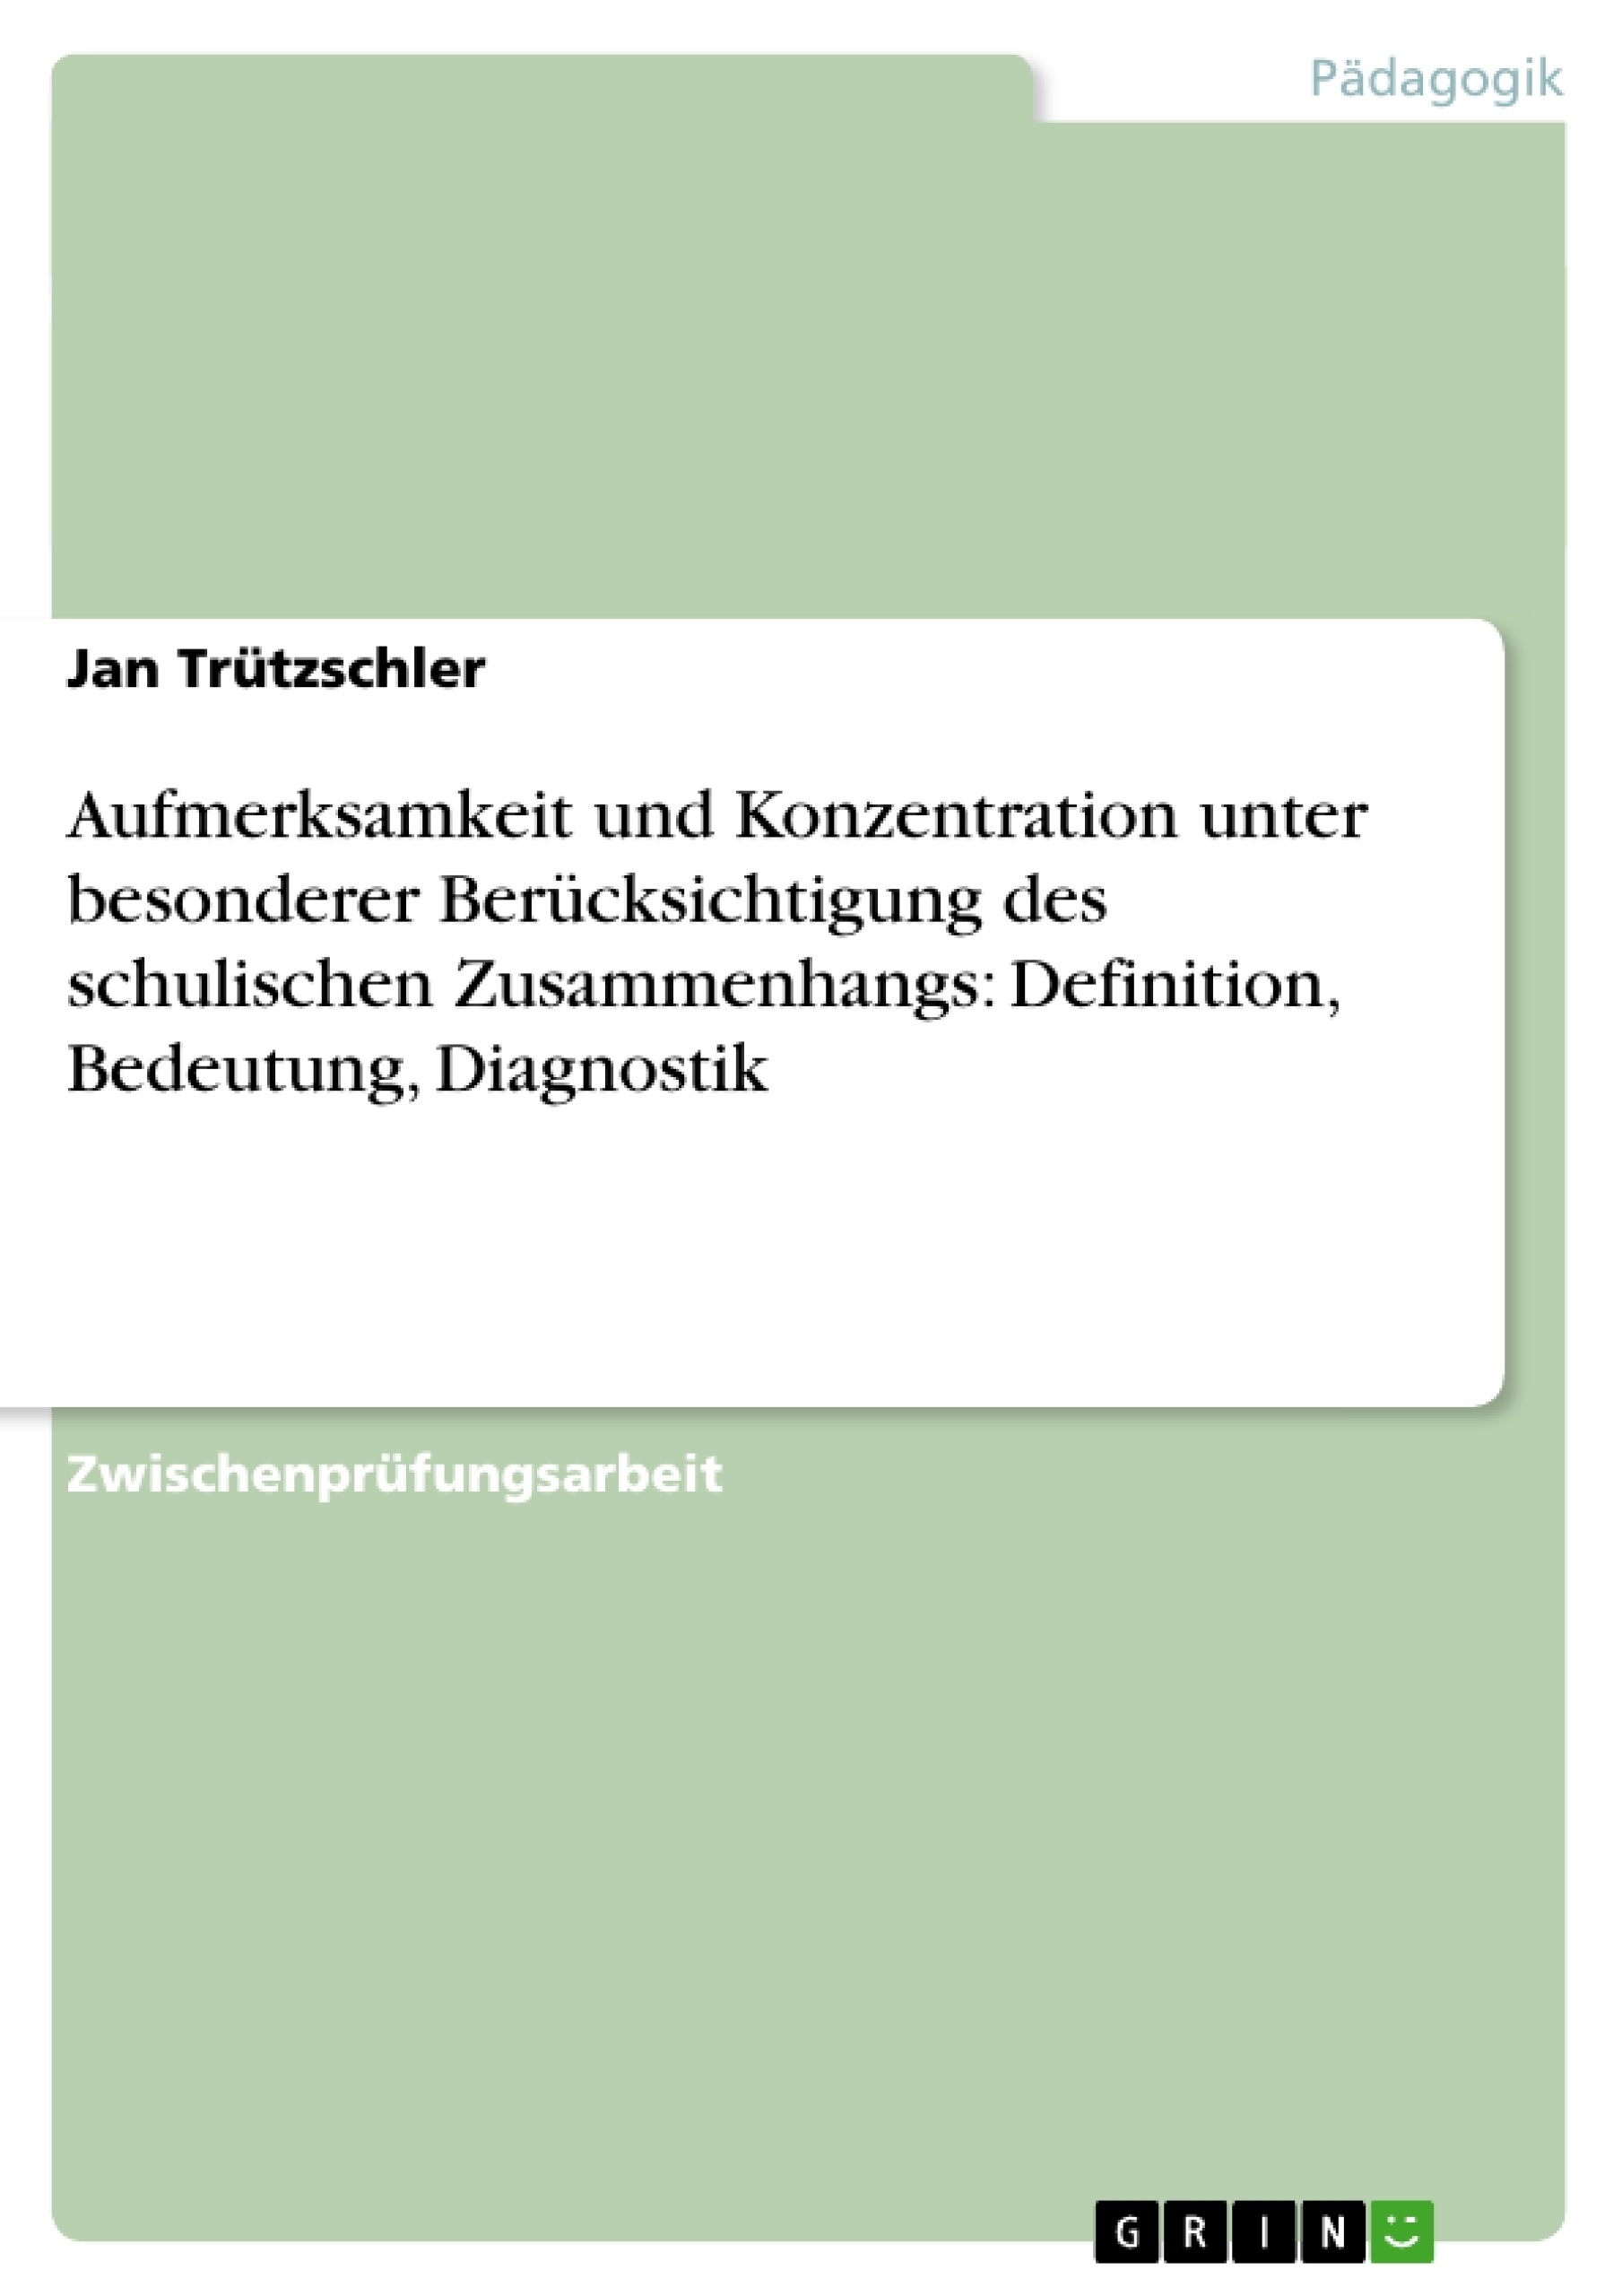 Titel: Aufmerksamkeit und Konzentration unter besonderer Berücksichtigung des schulischen Zusammenhangs: Definition, Bedeutung, Diagnostik